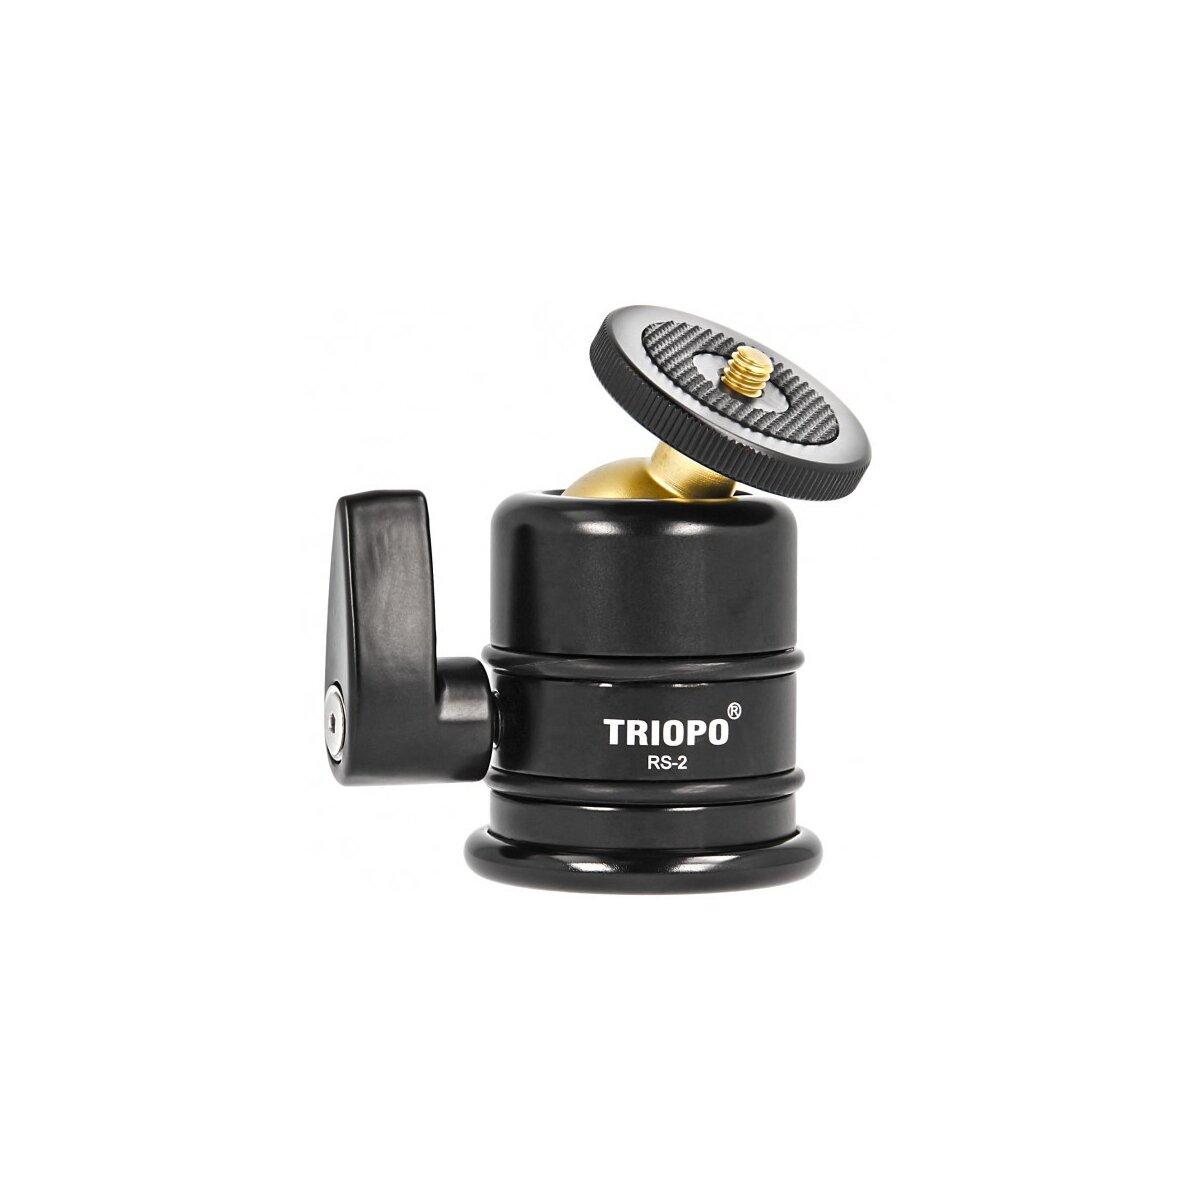 Triopo RS-2 kompakter und hochwertiger Panorama Kugelkopf mit 1/4 Zoll Schraube und 3/8 Zoll Gewinde - belastbar bis 15 kg - ideal geeignet fuer Fotostudios